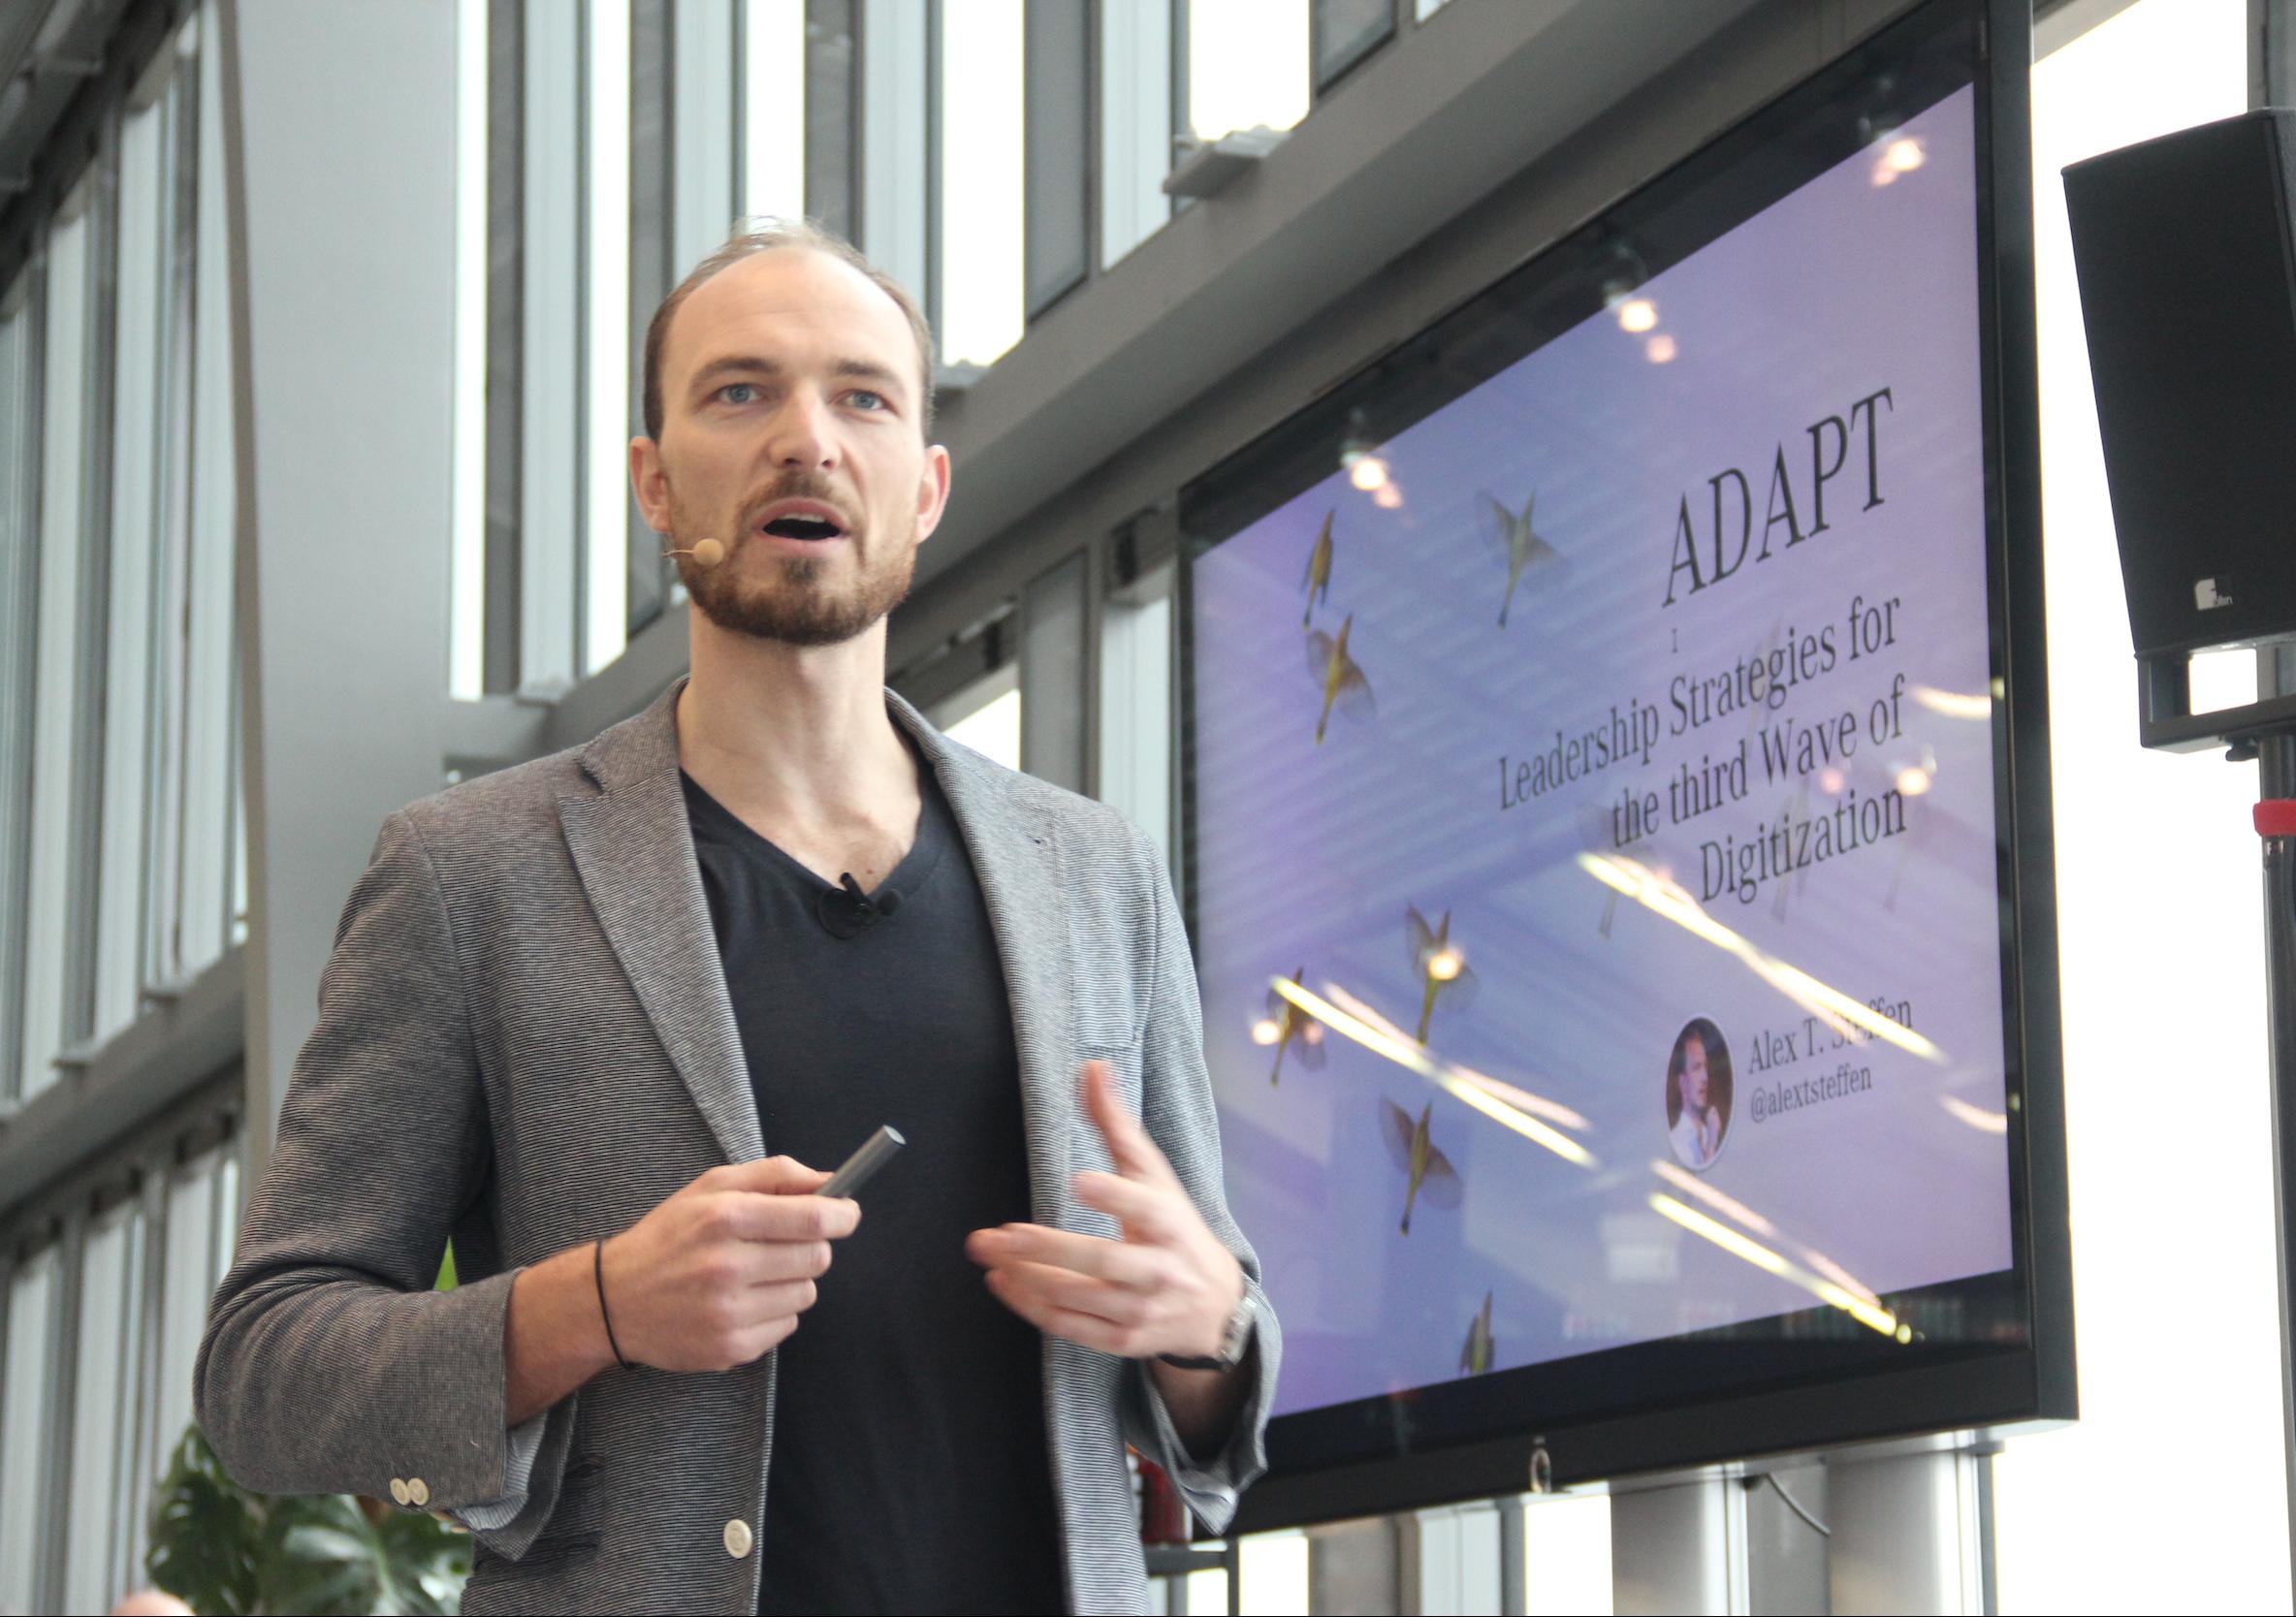 Alex T. Steffen Accenture Leadership Keynote